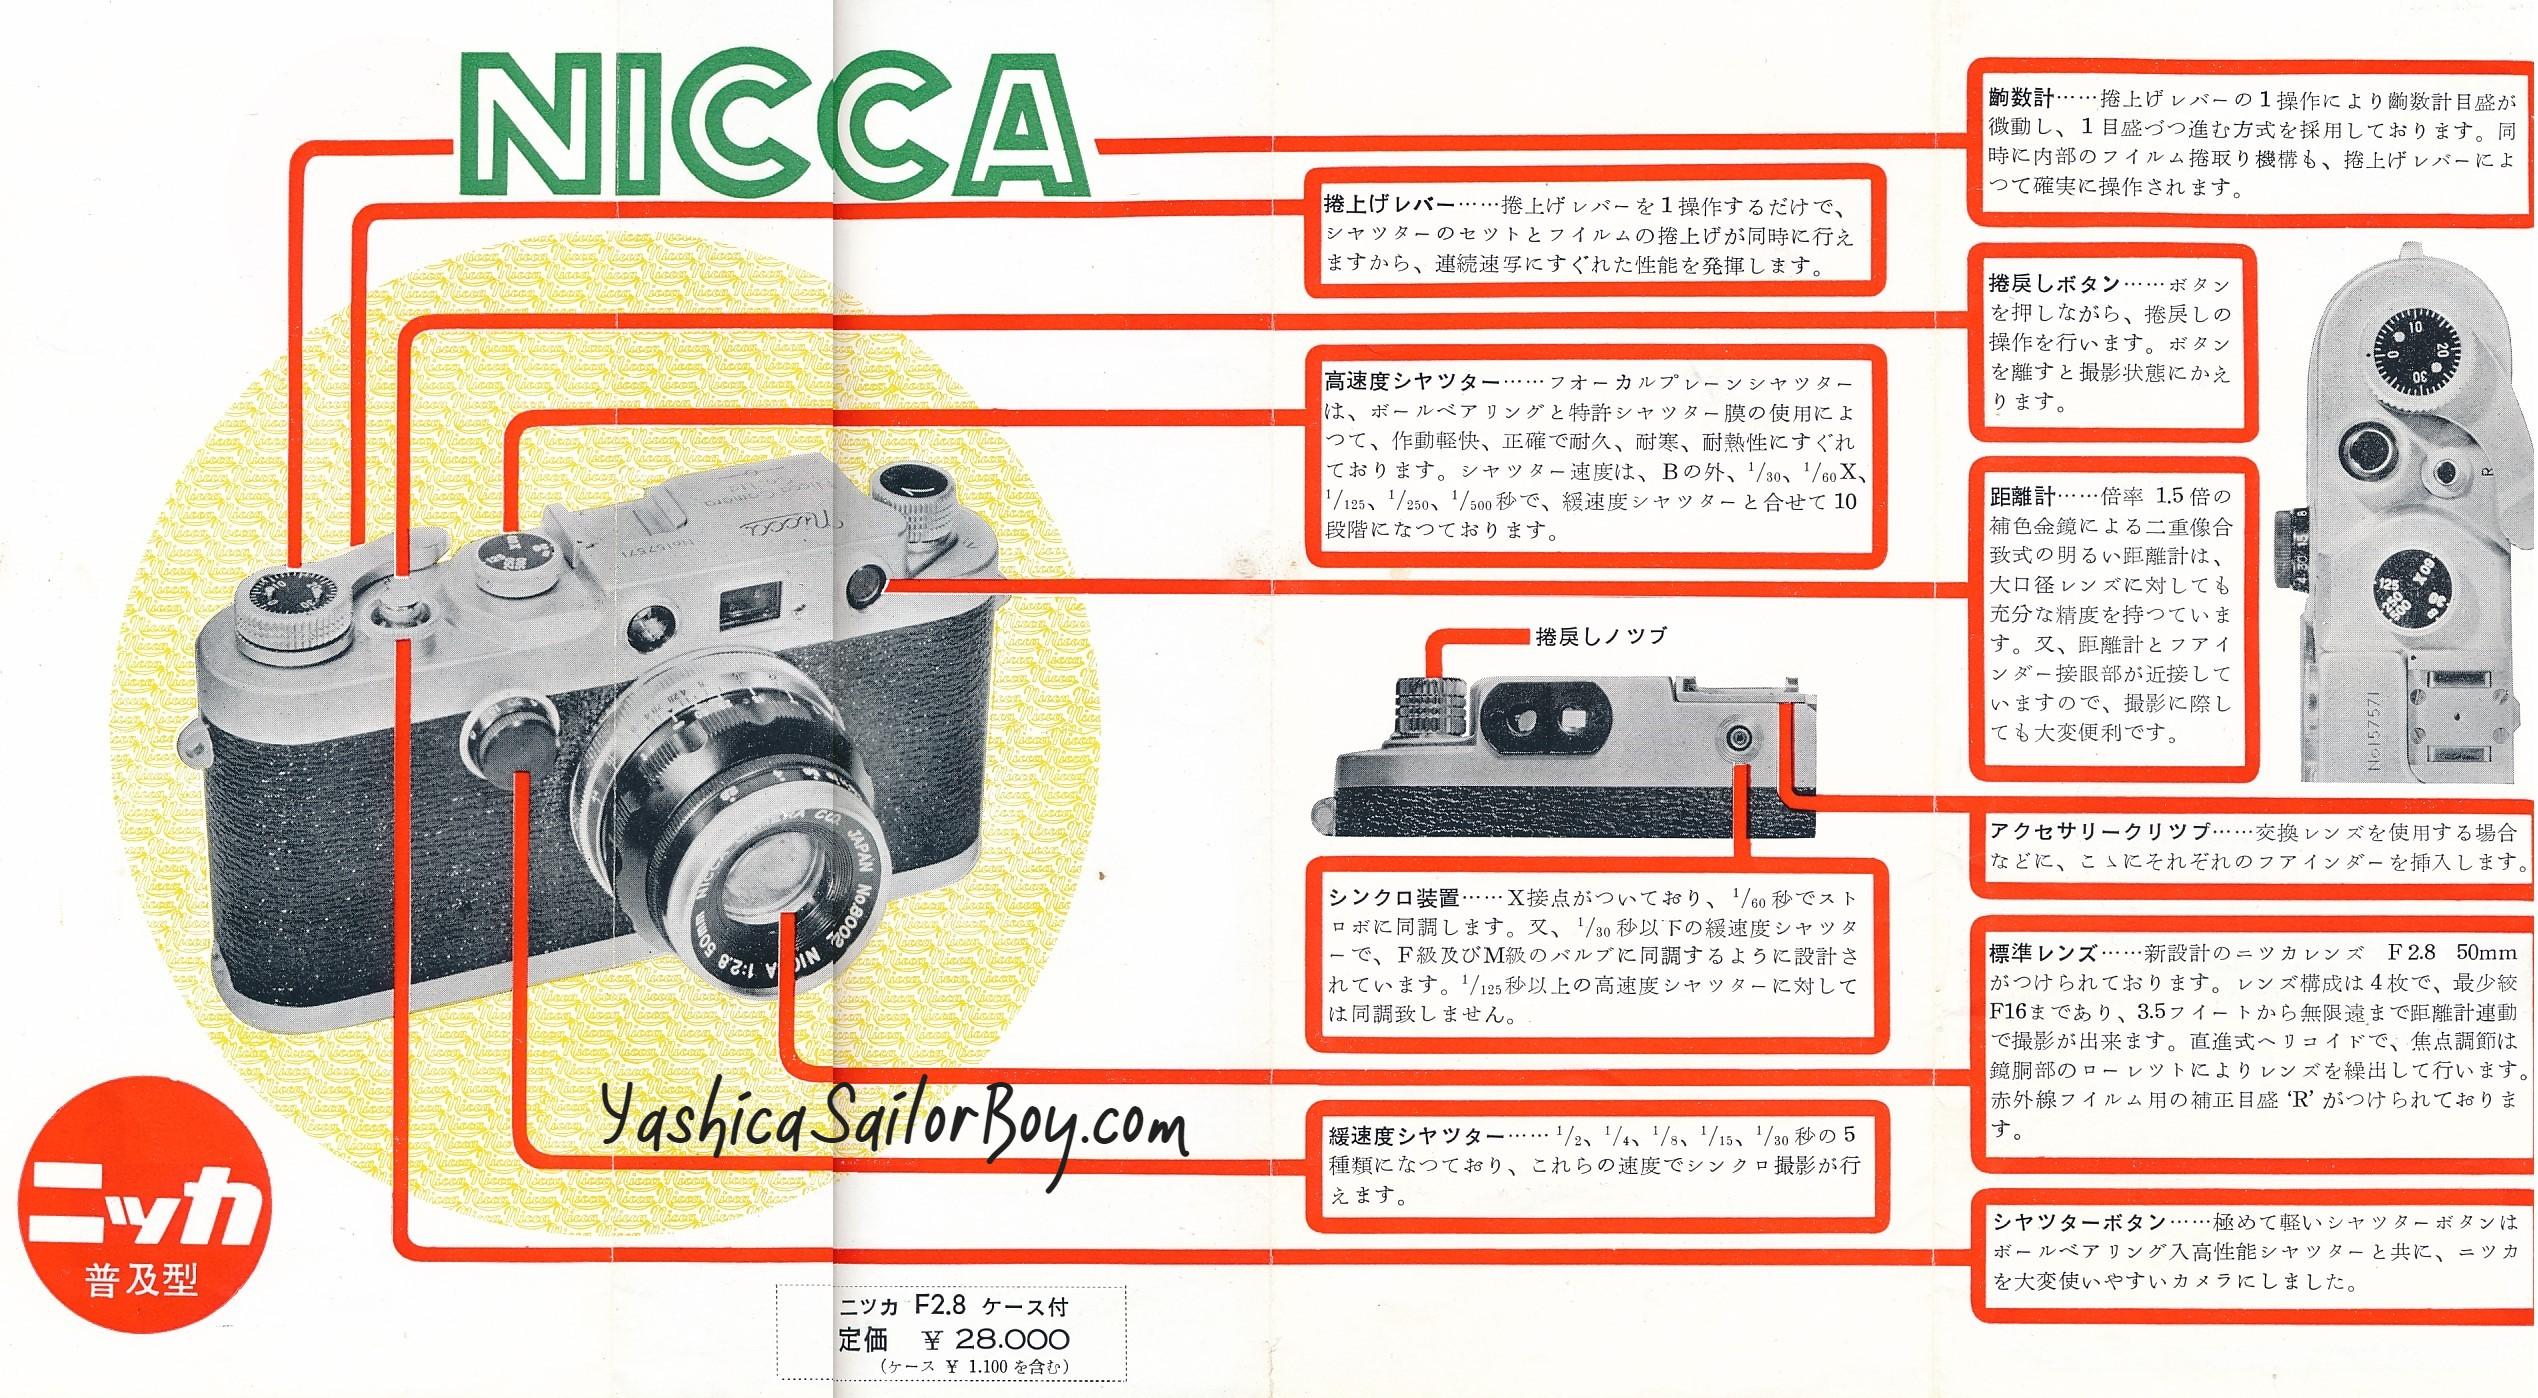 Nicca 33 Bro LOGO 1